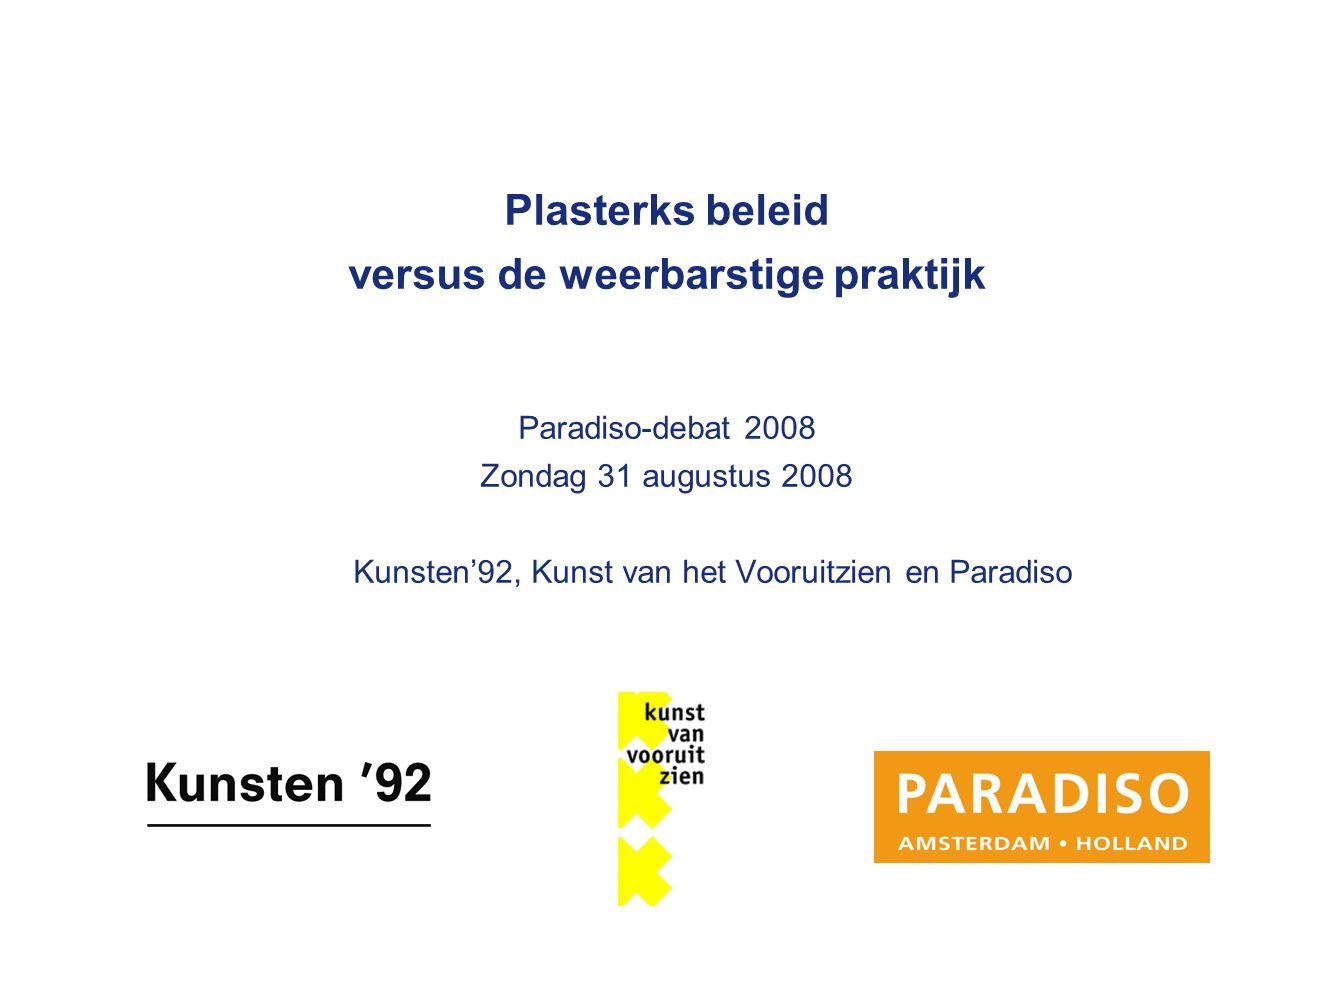 Plasterks beleid versus de weerbarstige praktijk Paradiso-debat 2008 Zondag 31 augustus 2008 Kunsten'92, Kunst van het Vooruitzien en Paradiso